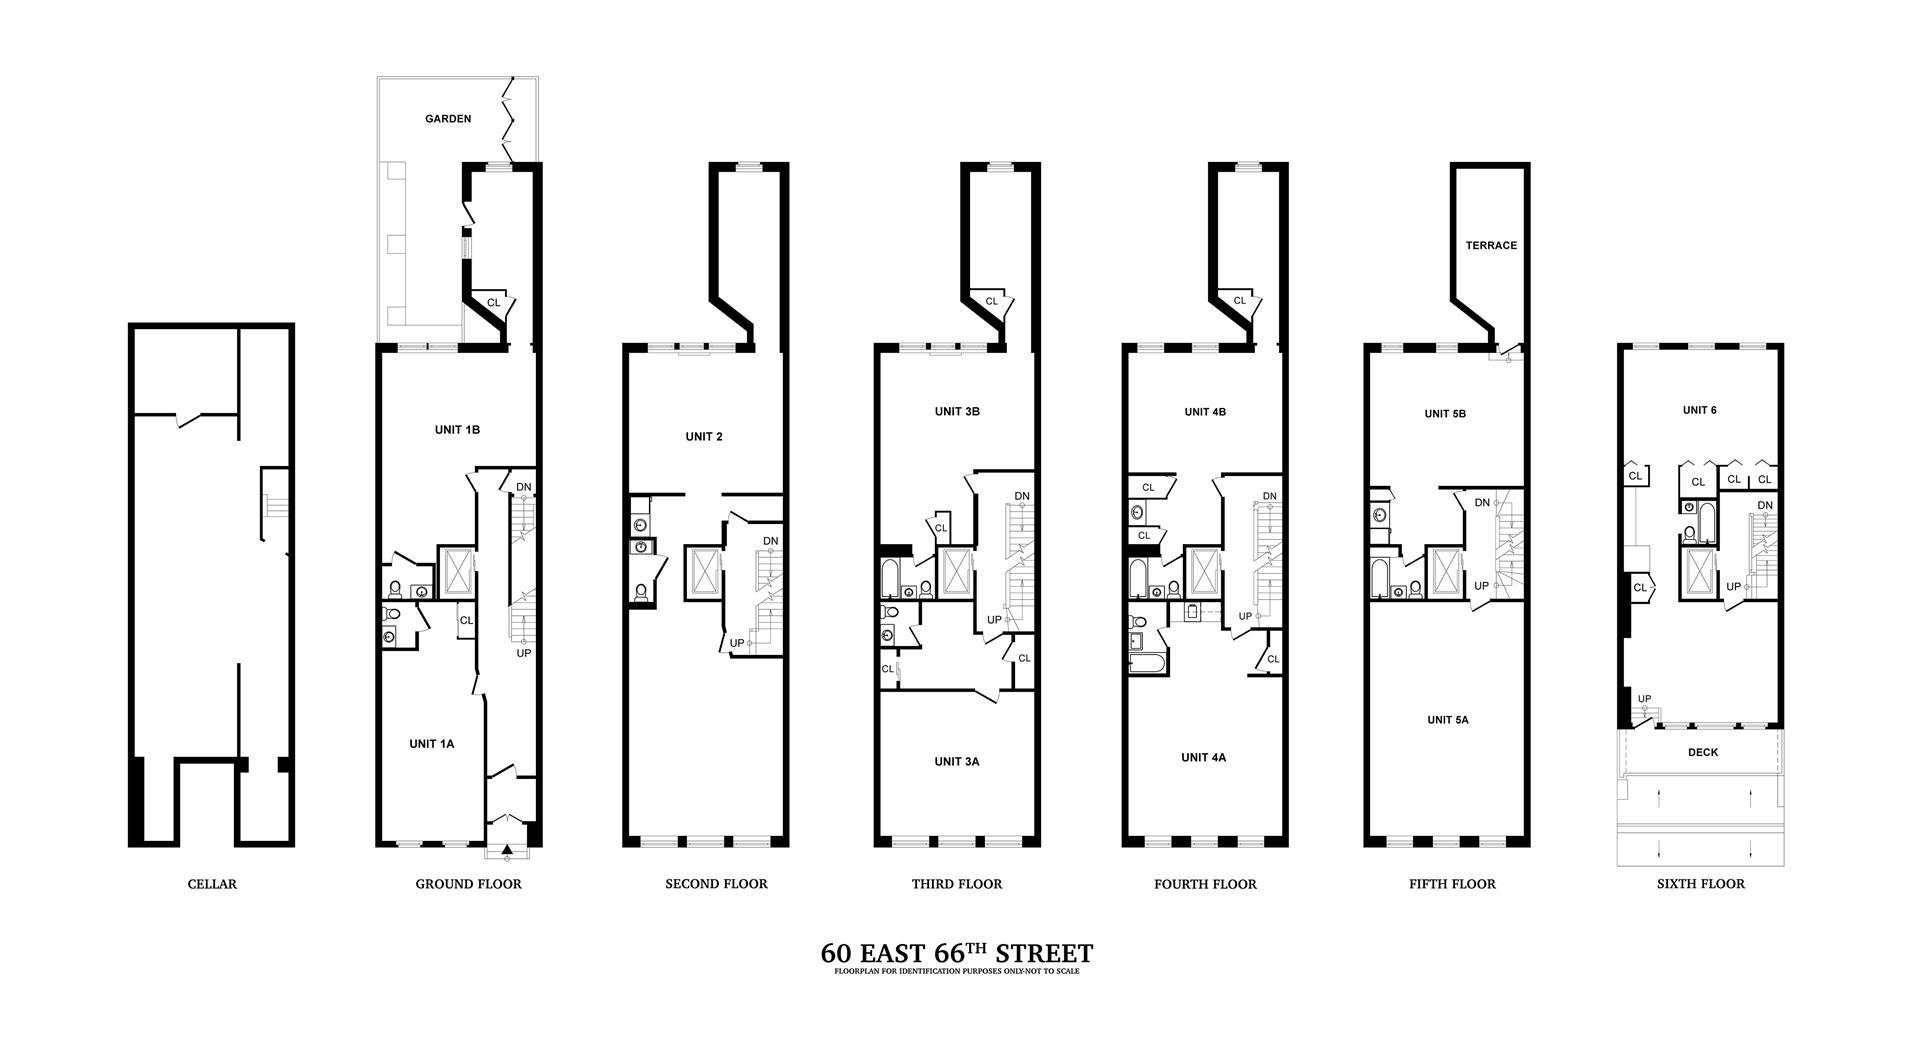 Floor plan of 60 East 66th St - Upper East Side, New York